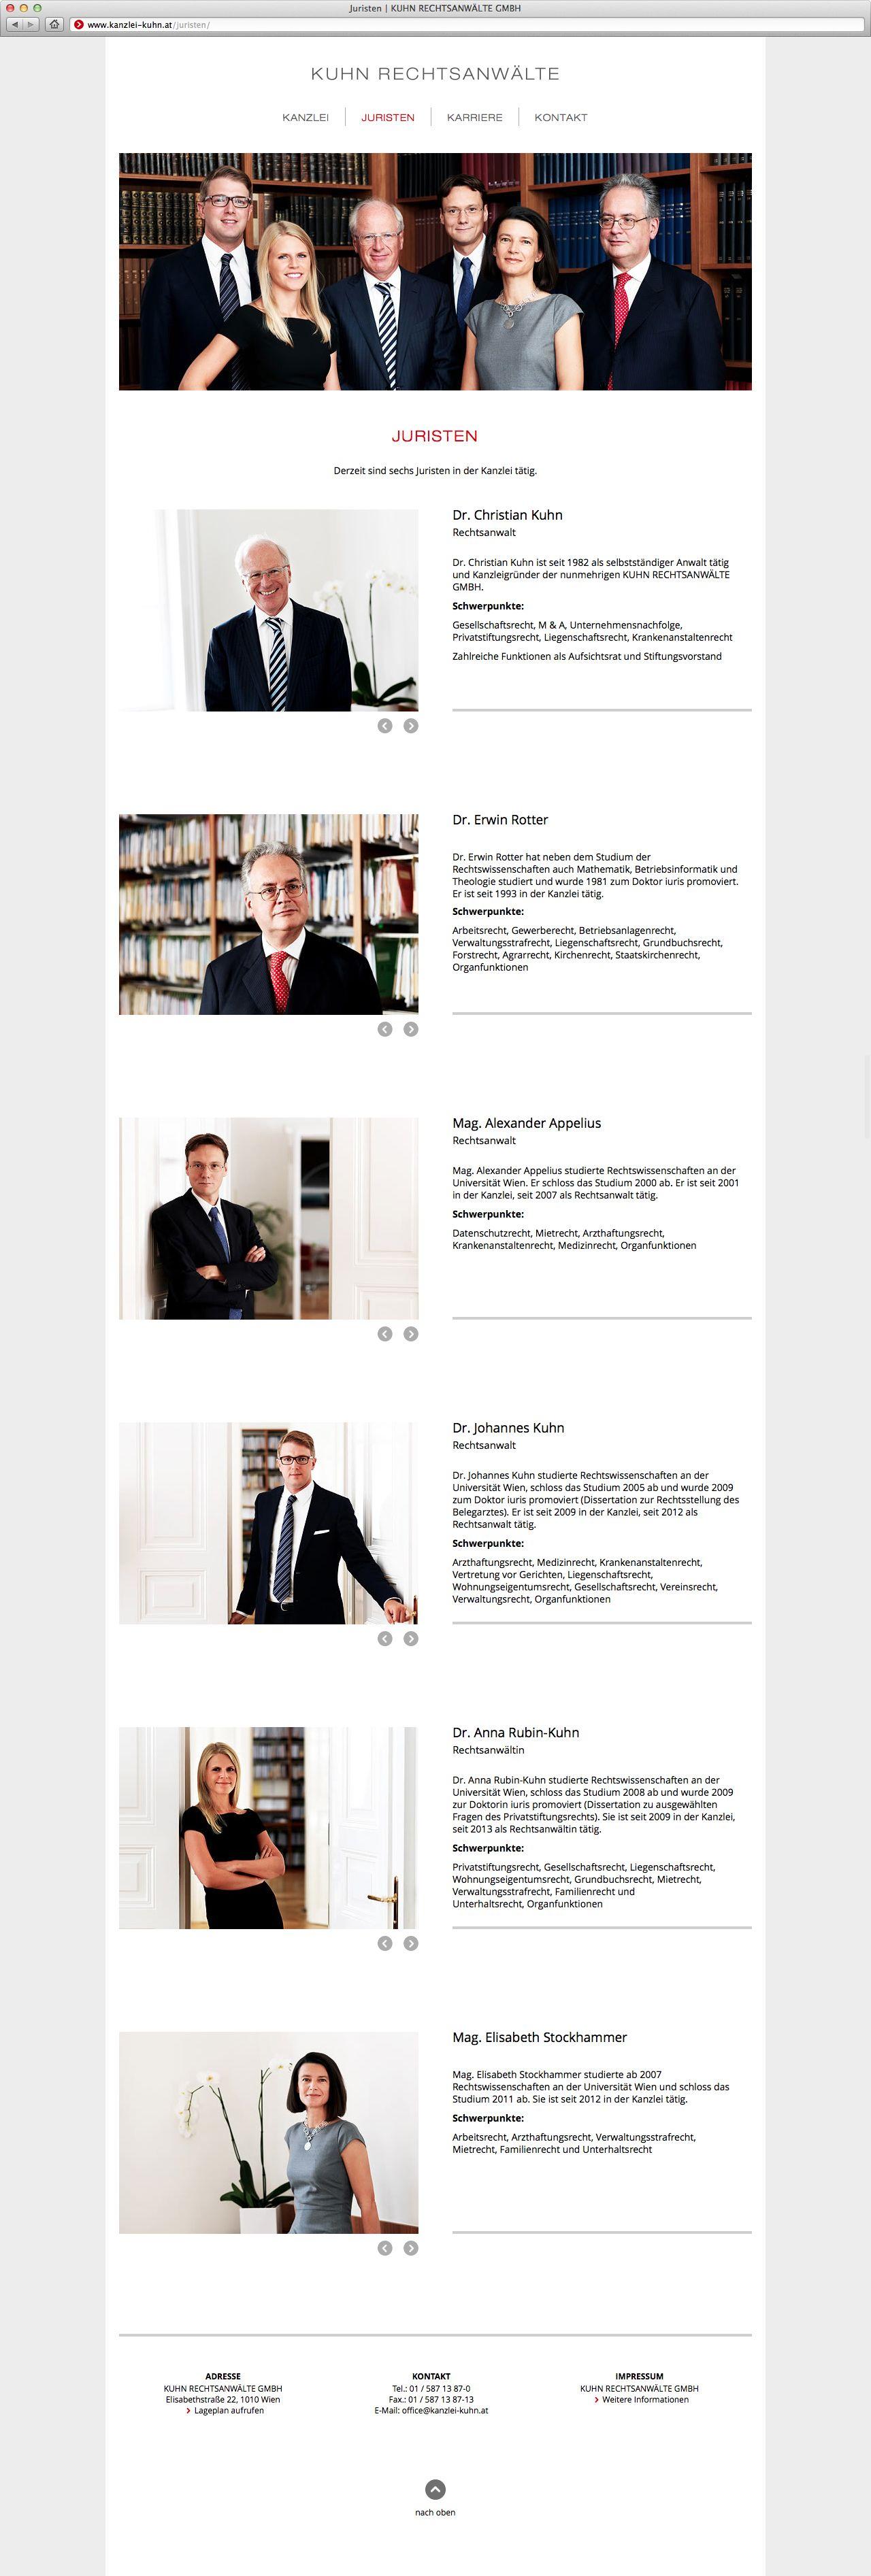 Juristen Kuhn Rechtsanwalte Gmbh Rechtsanwalt Juristen Anwalt